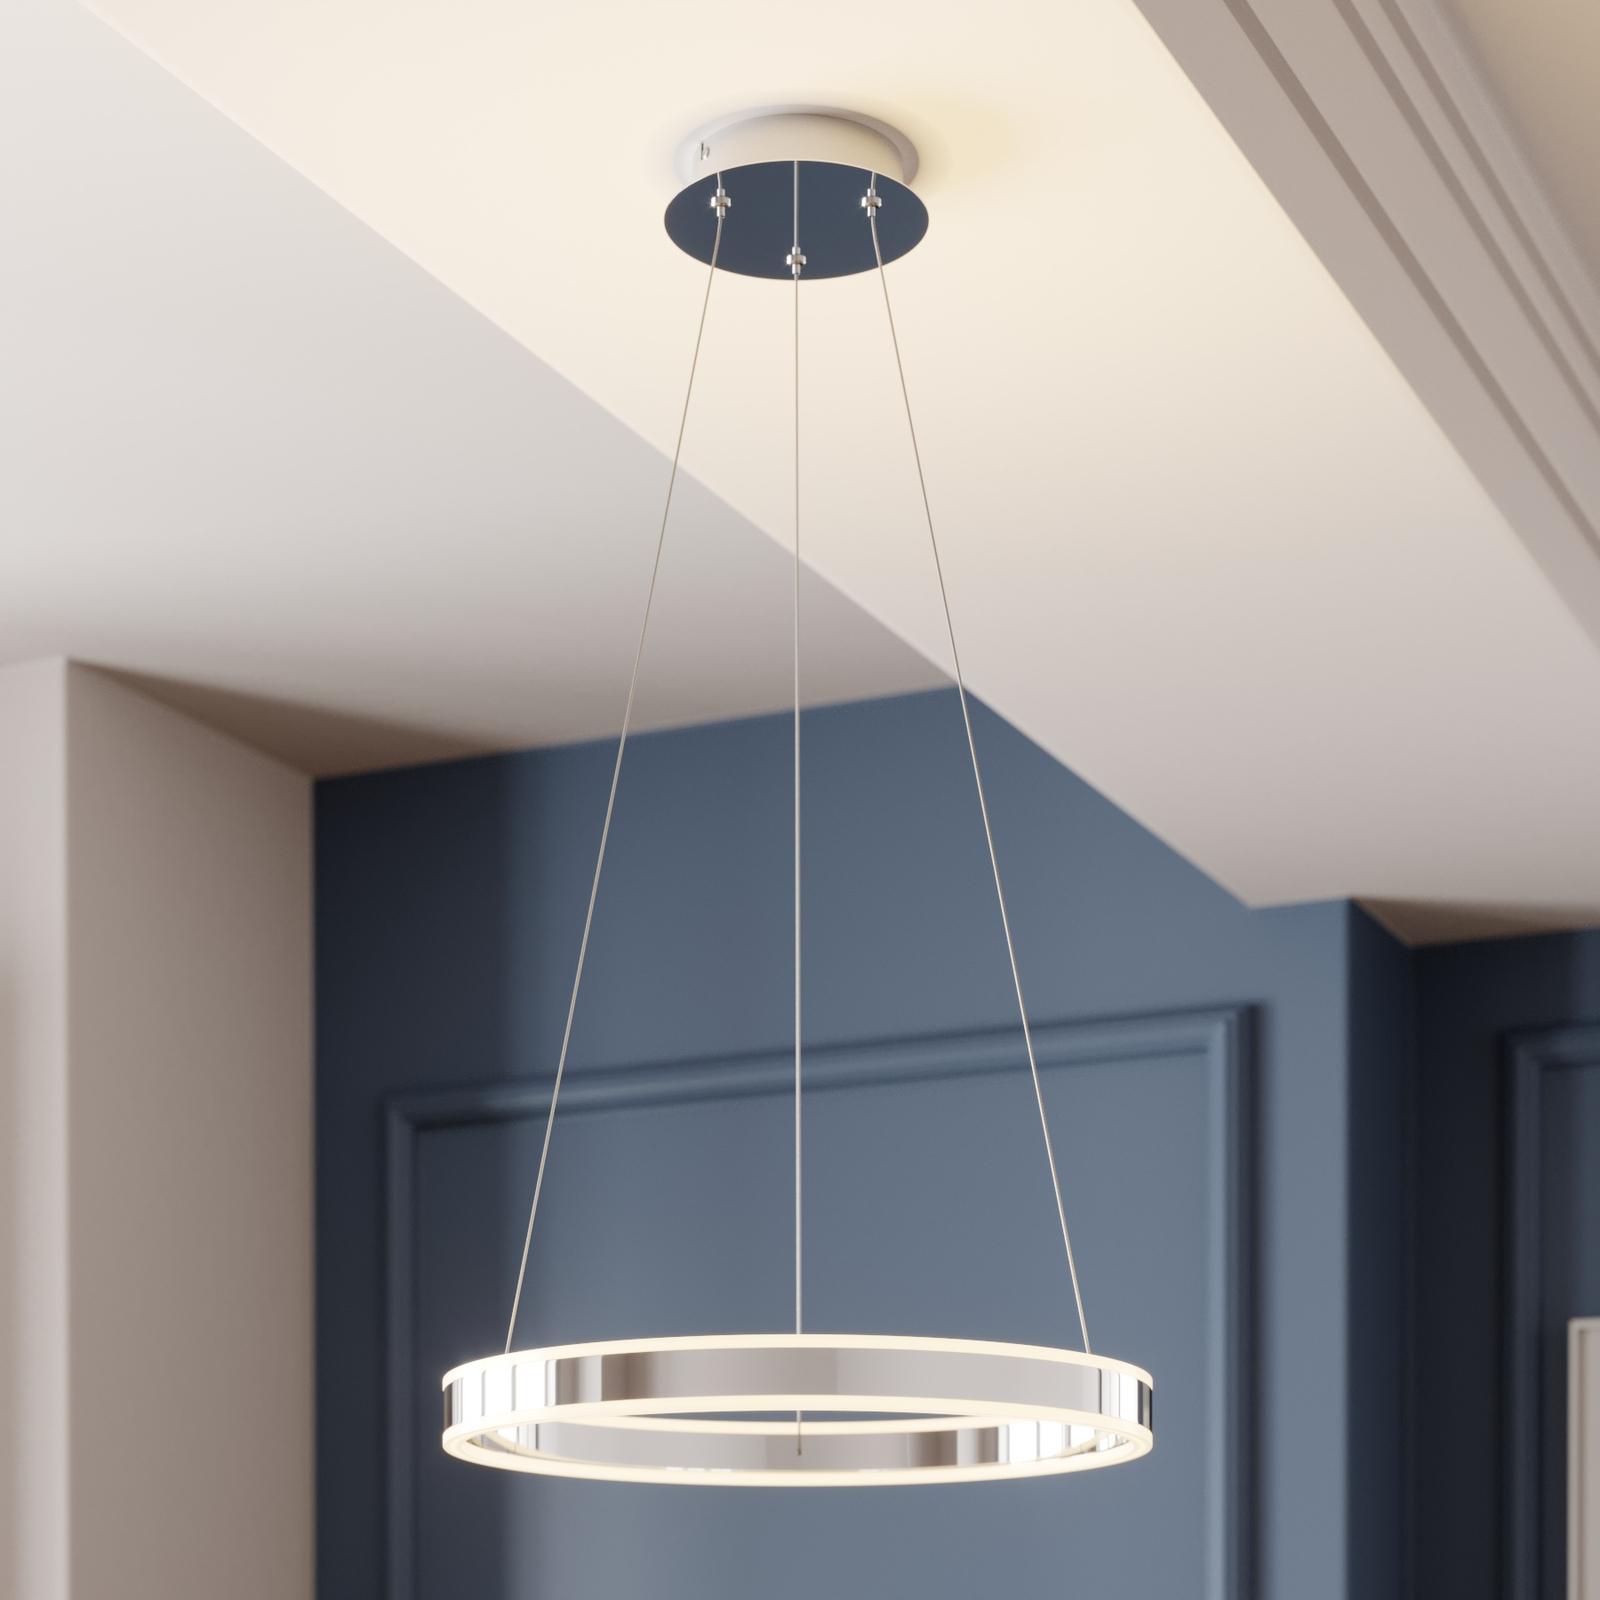 Lampa wisząca LED Lyani chrom, ściemniana, 50 cm